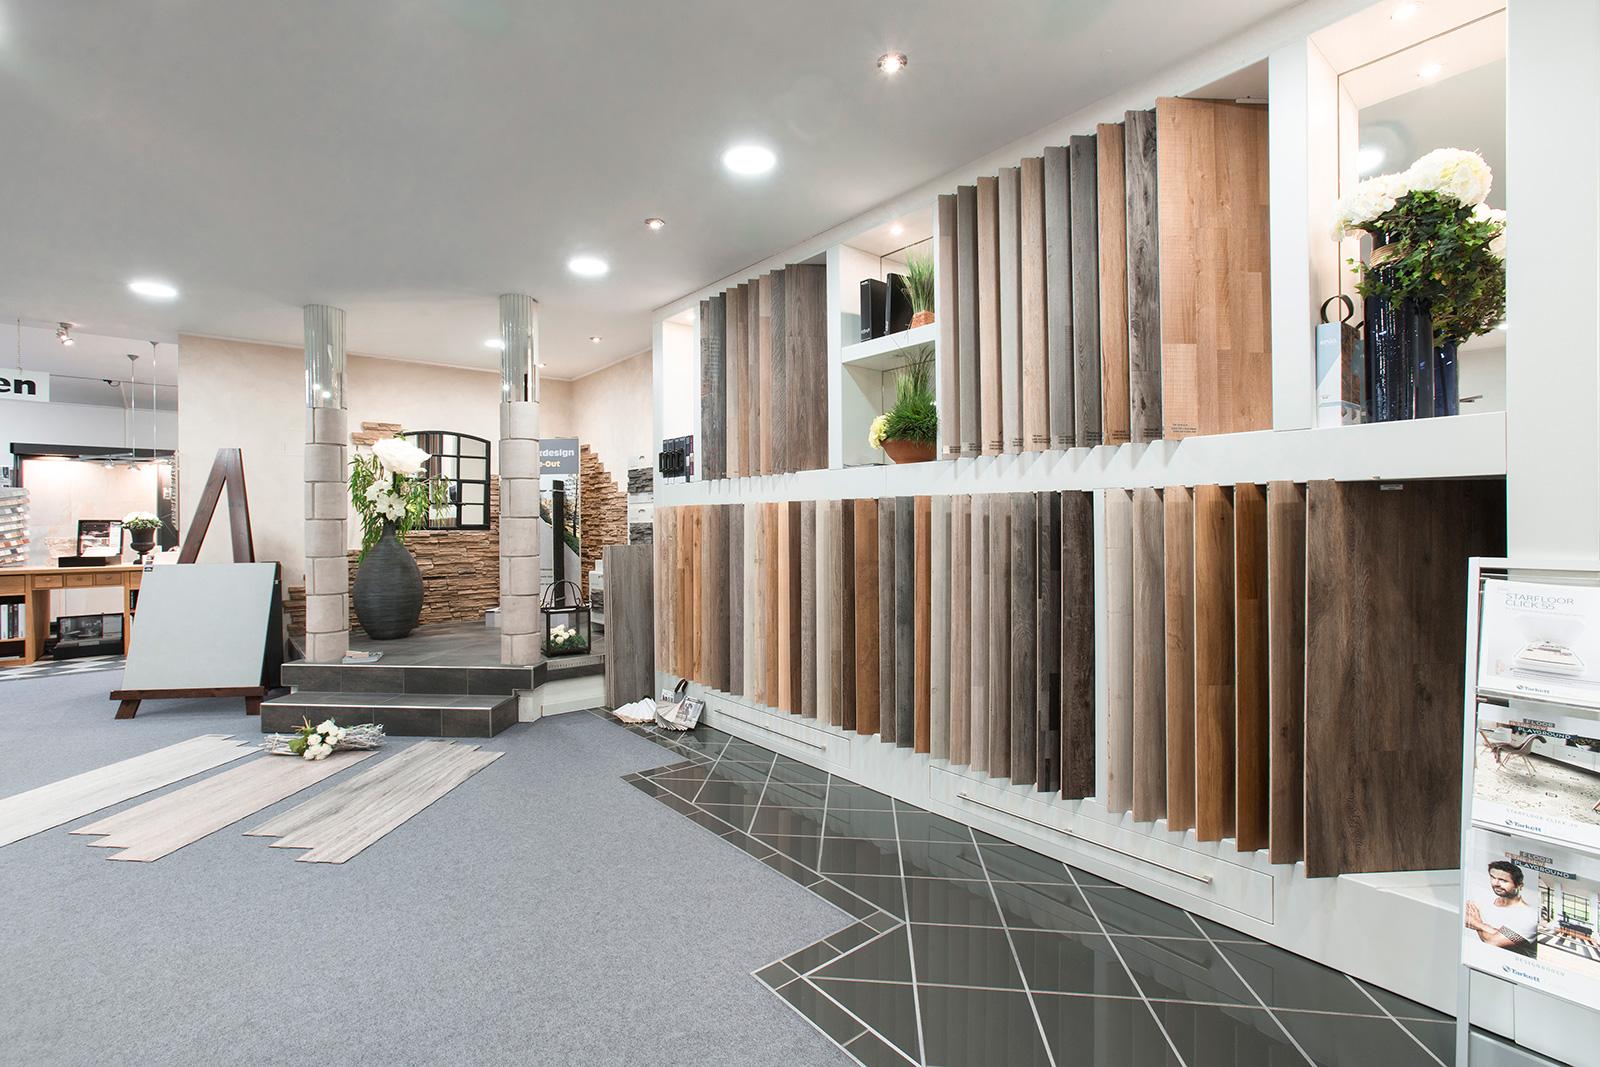 Linoleum Fußboden Kaufen ~ Fußboden kaufen sie vielfalt und qualität schäfers fußboden